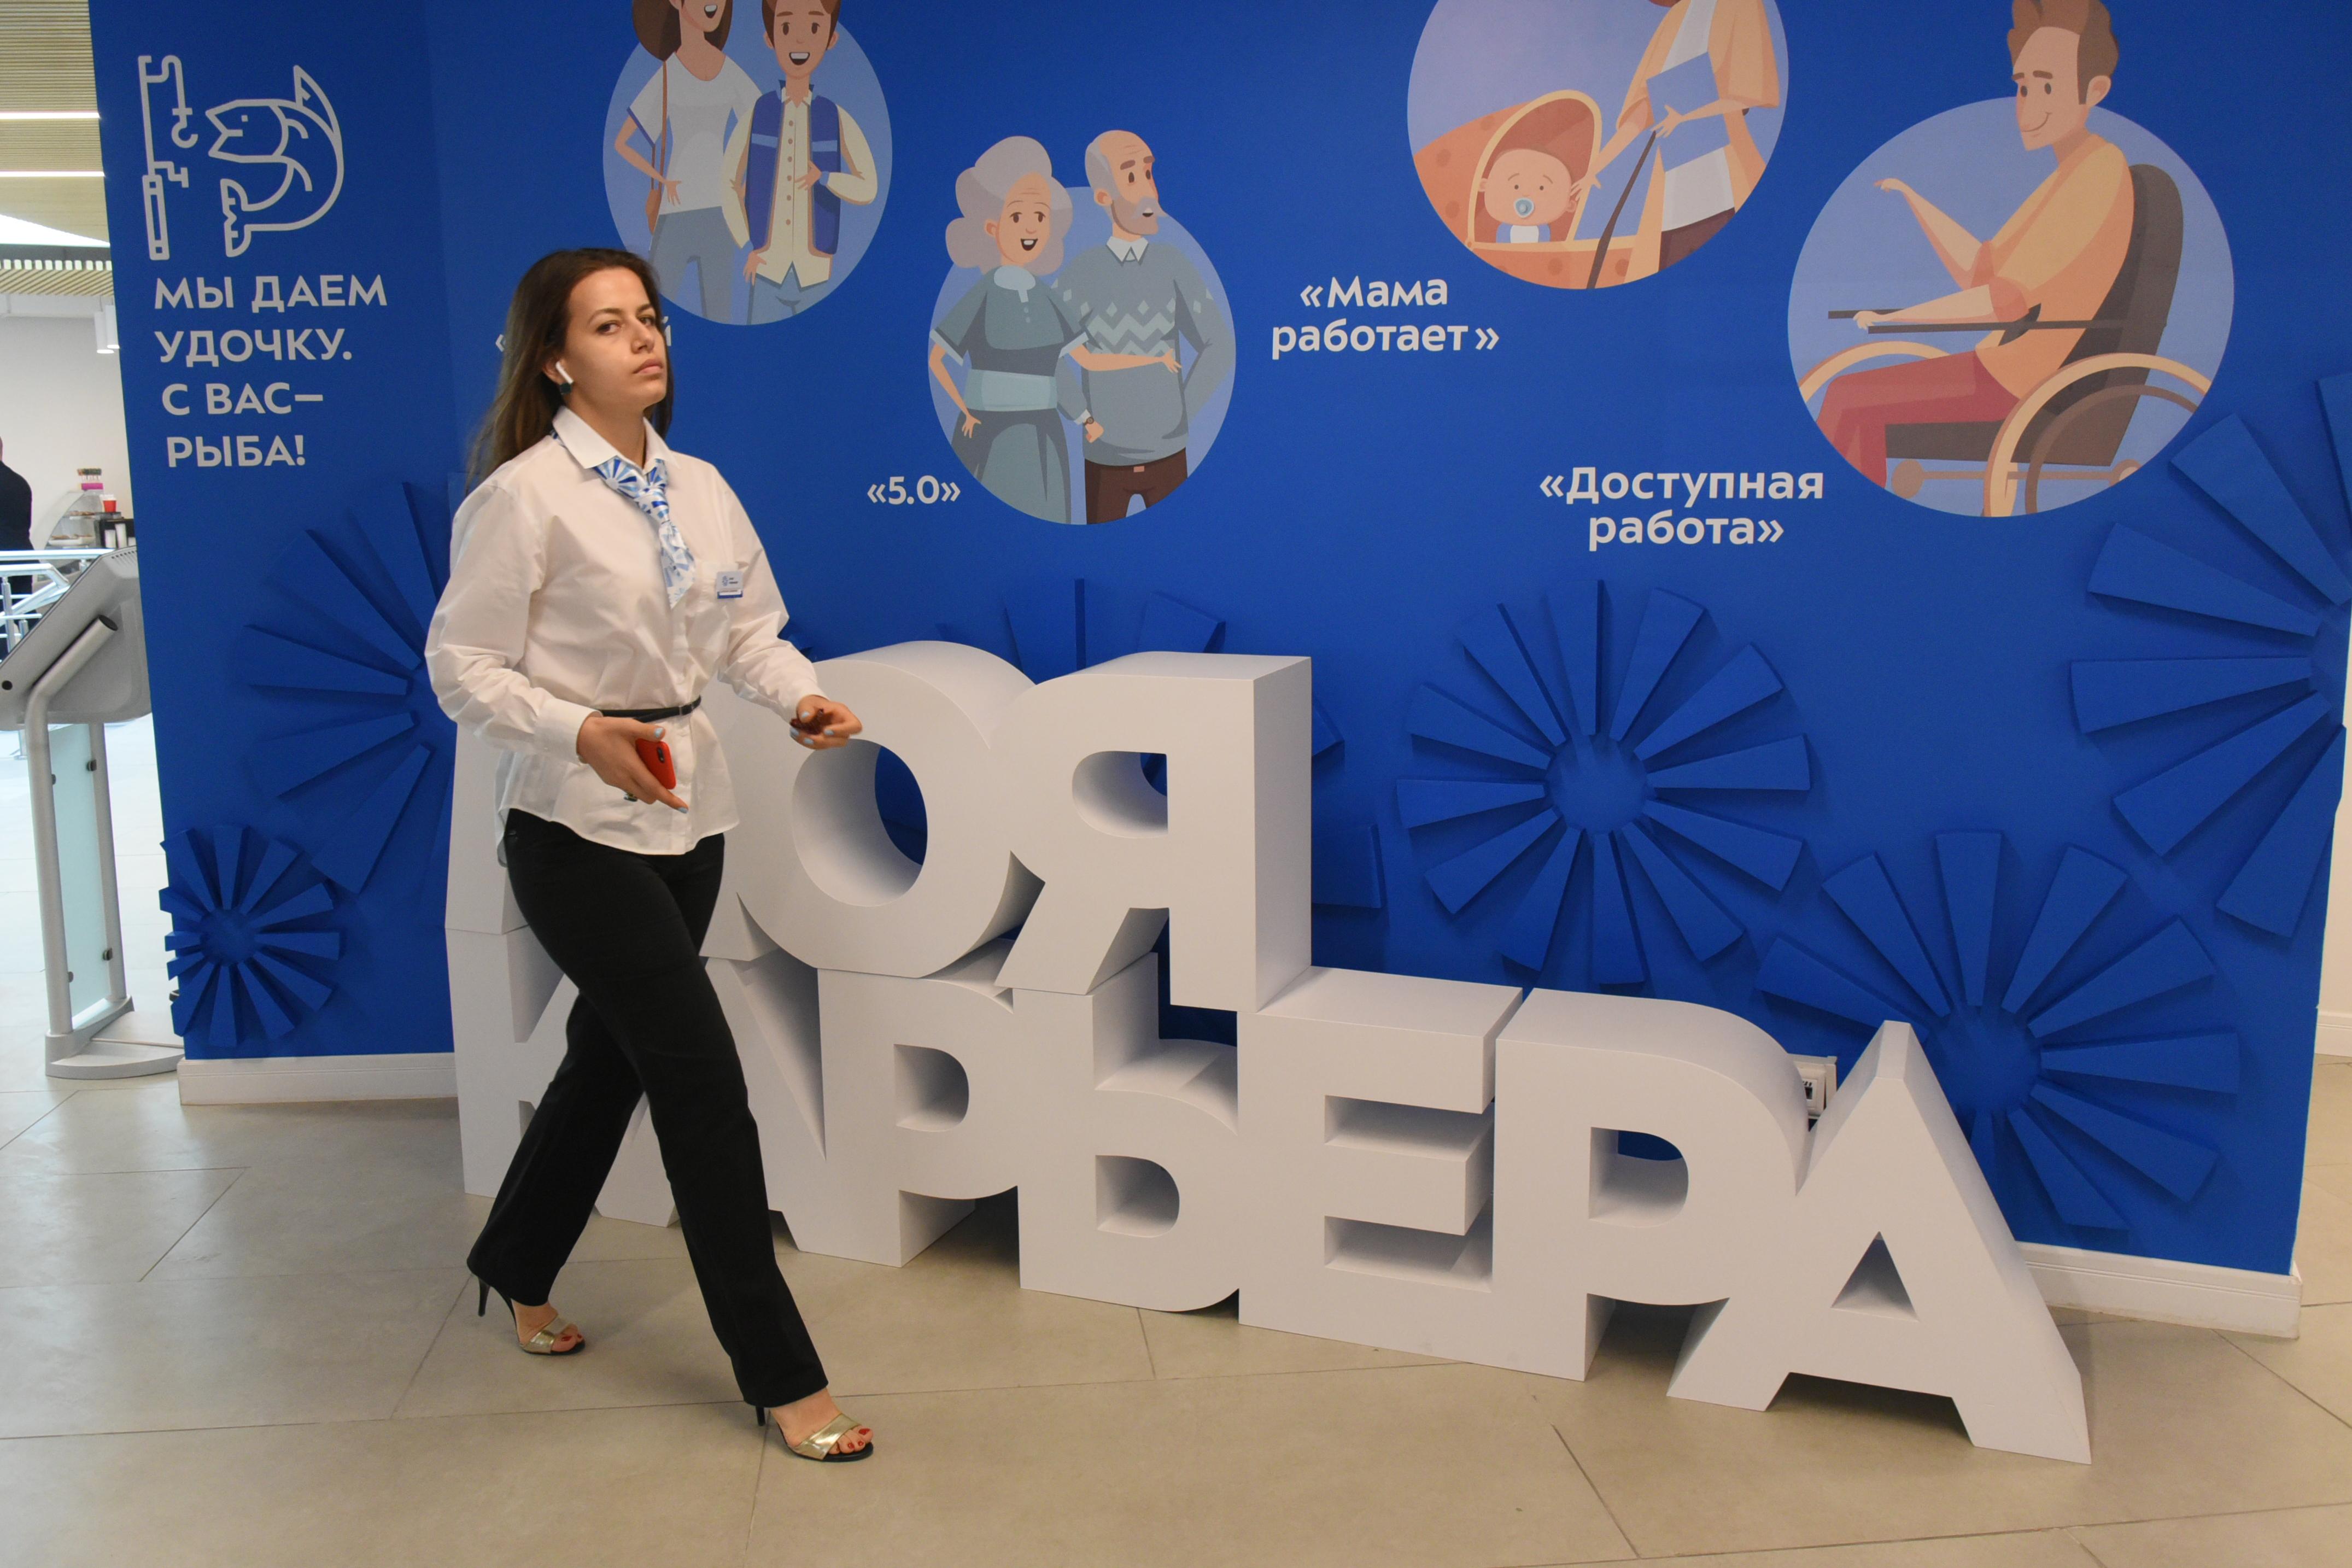 Московские центры занятости трудоустроили 60 тысяч человек за восемь месяцев